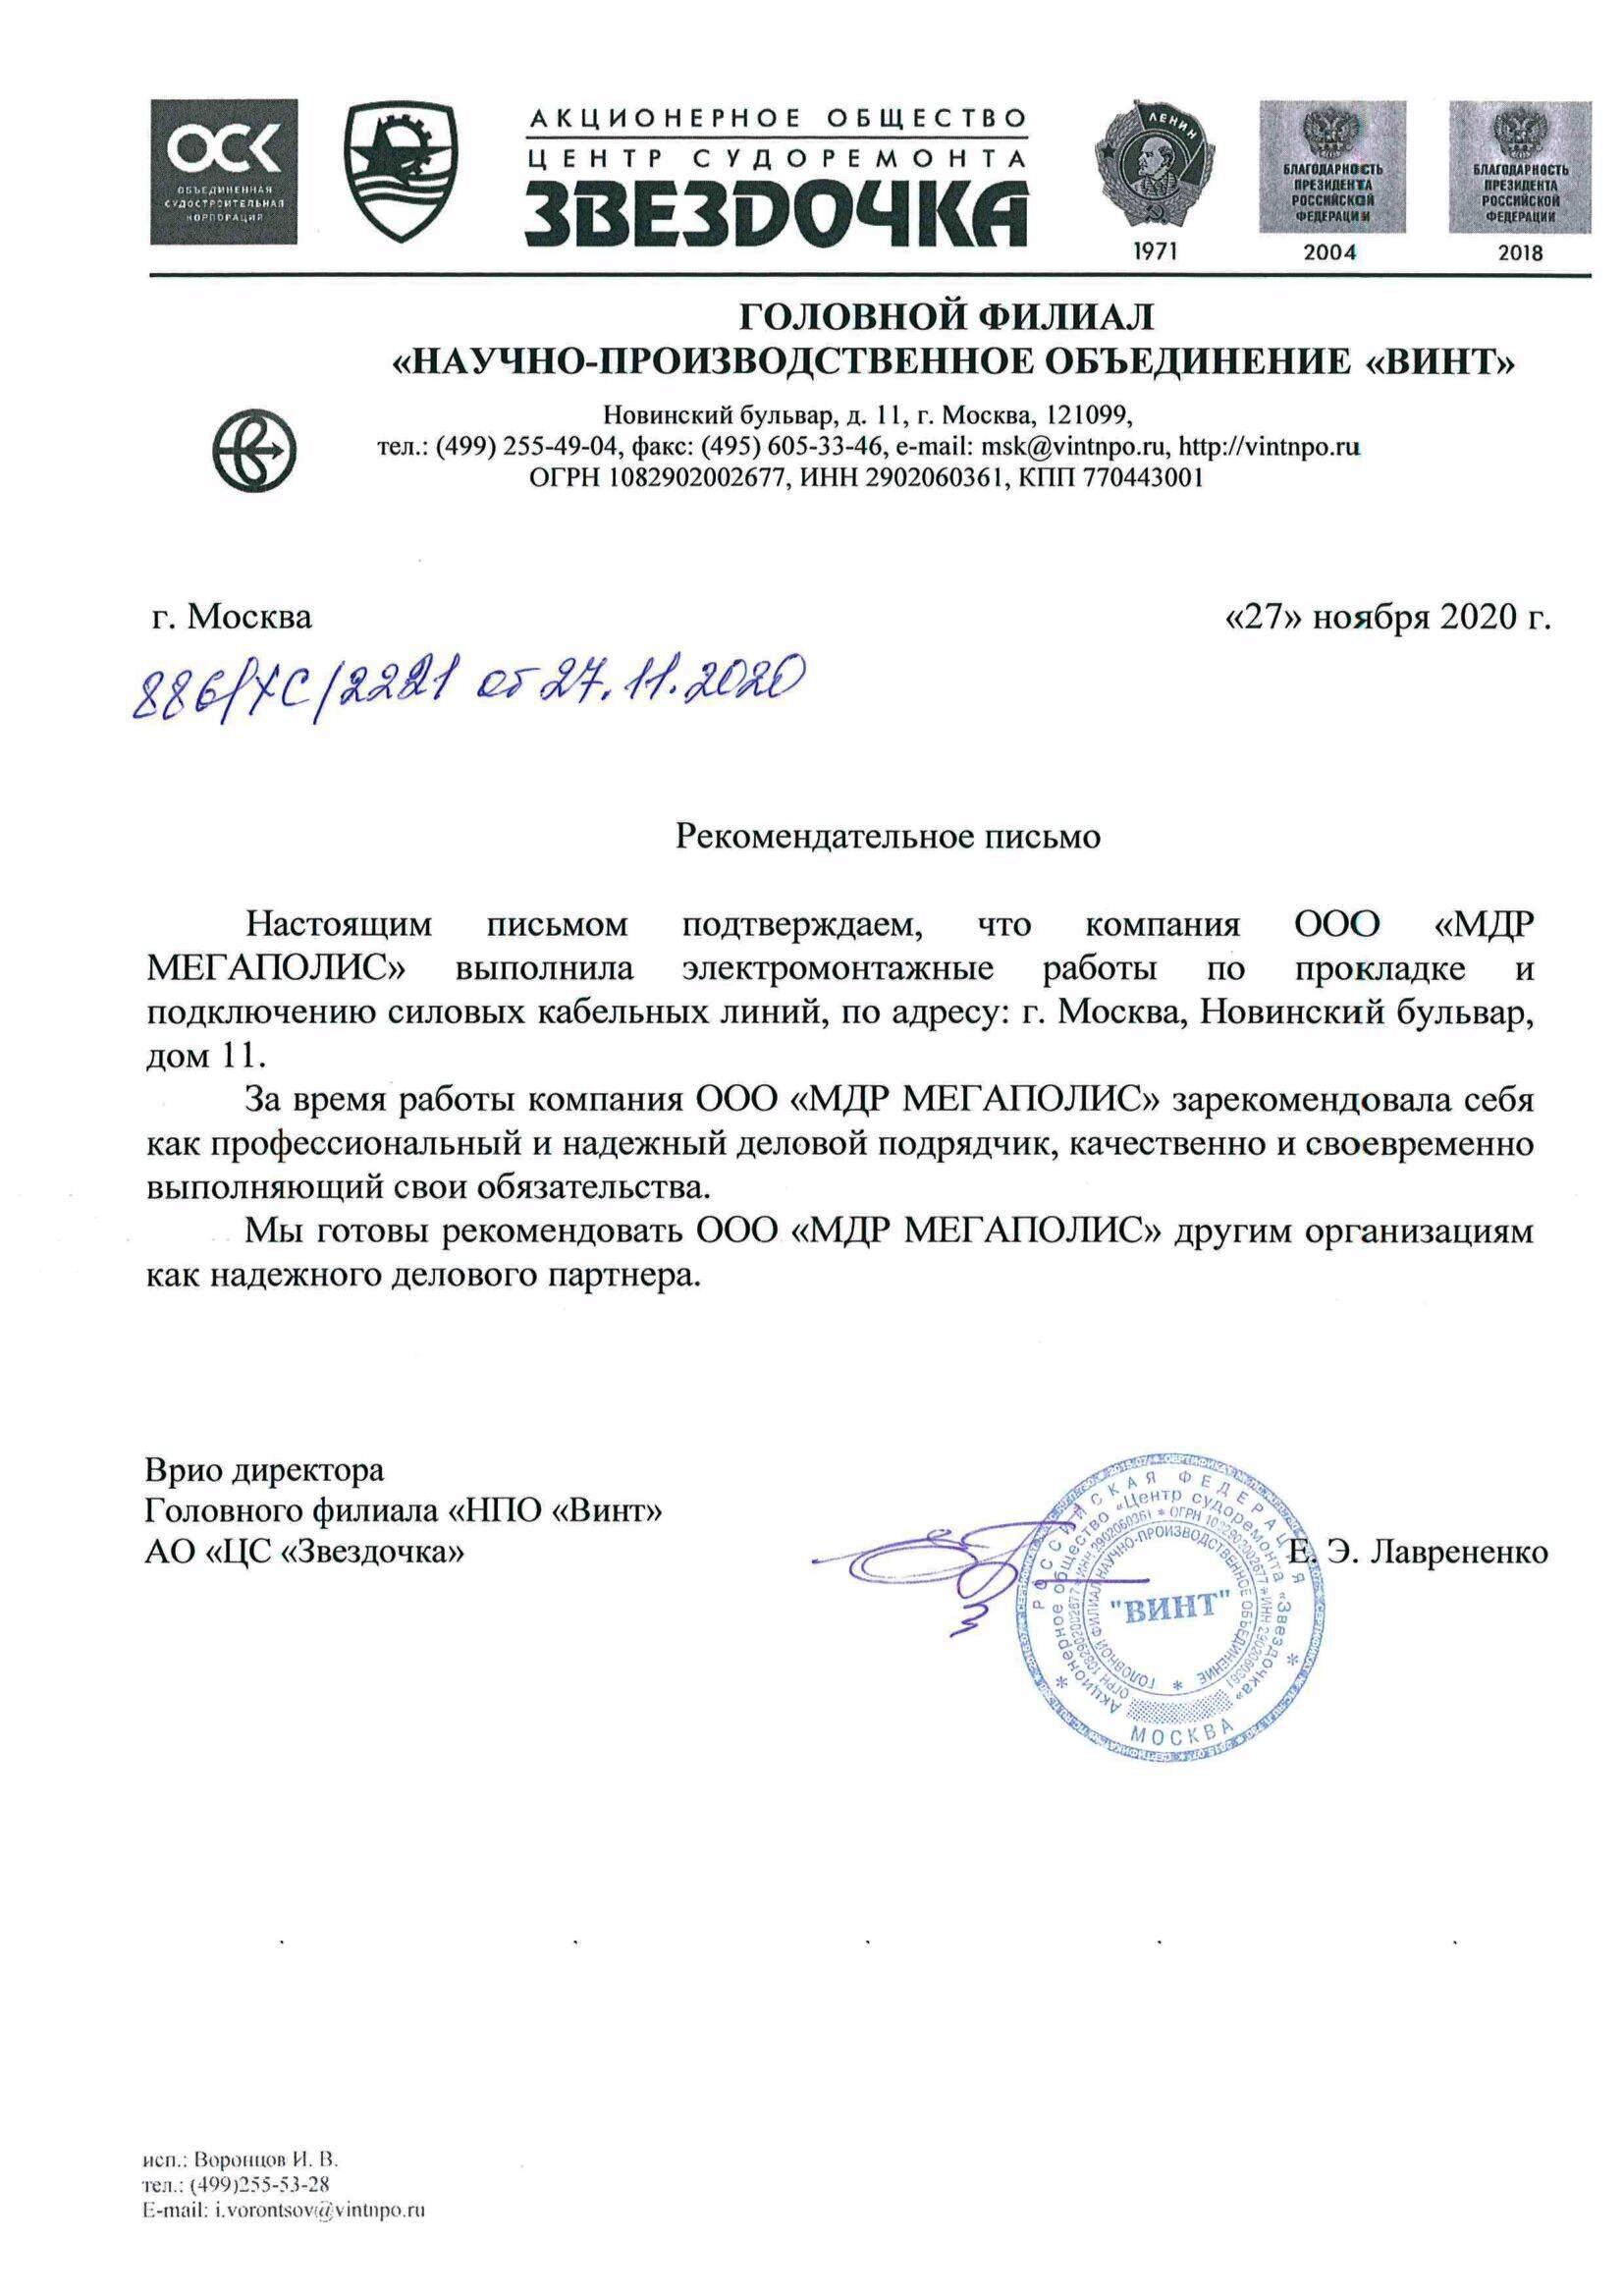 Рекомендательное письмо Головной филиал «НПО «Винт» АО «ЦС «Звездочка»